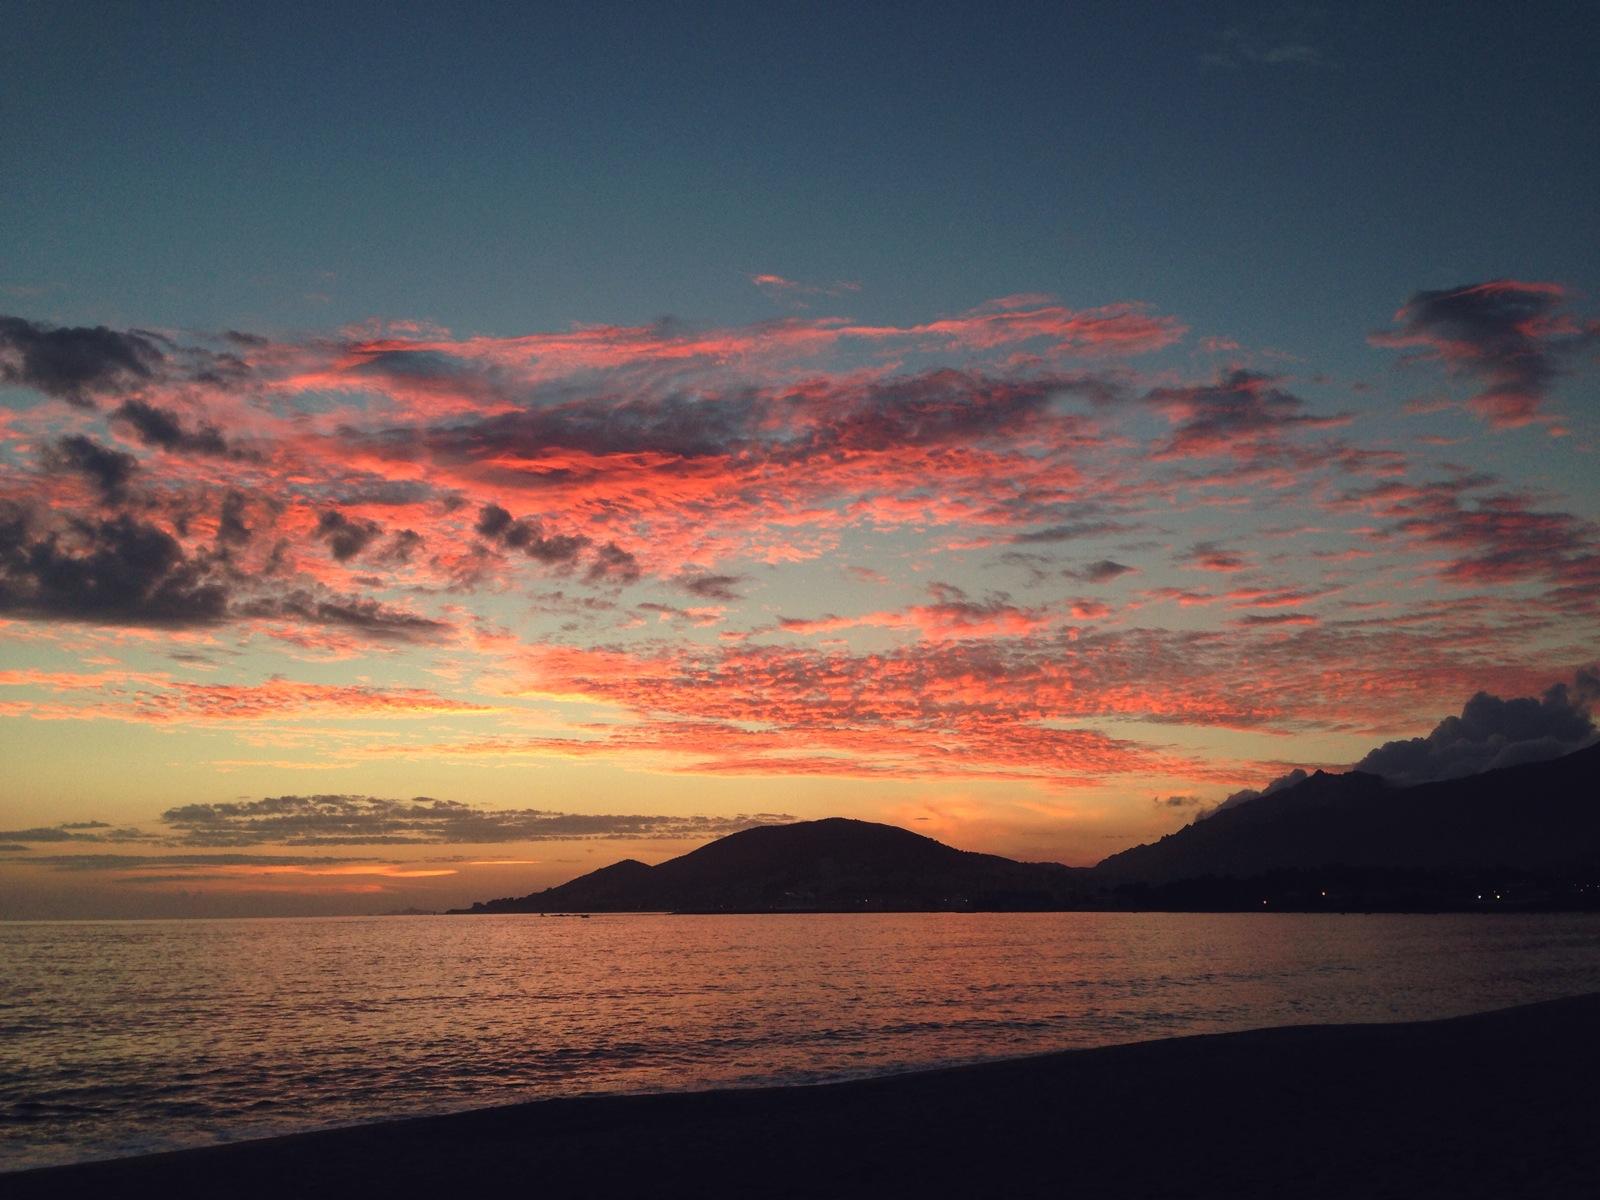 coucher-soleil-ajaccio.JPG